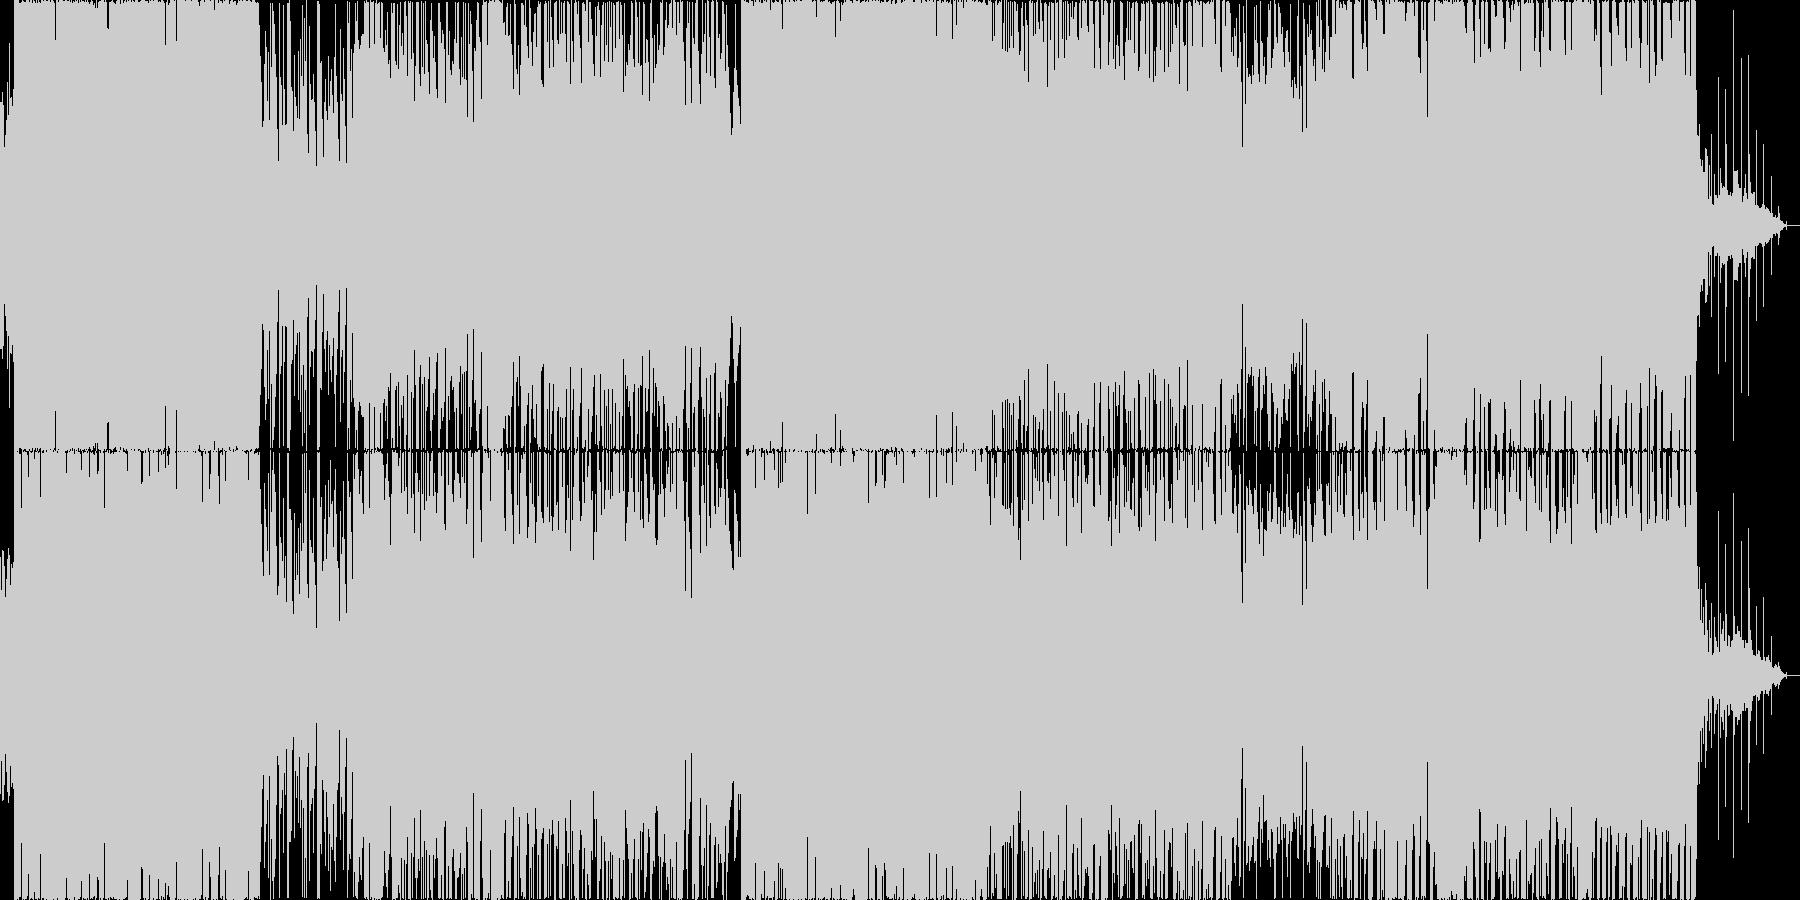 エレクトリカルなパレードなポップスの未再生の波形